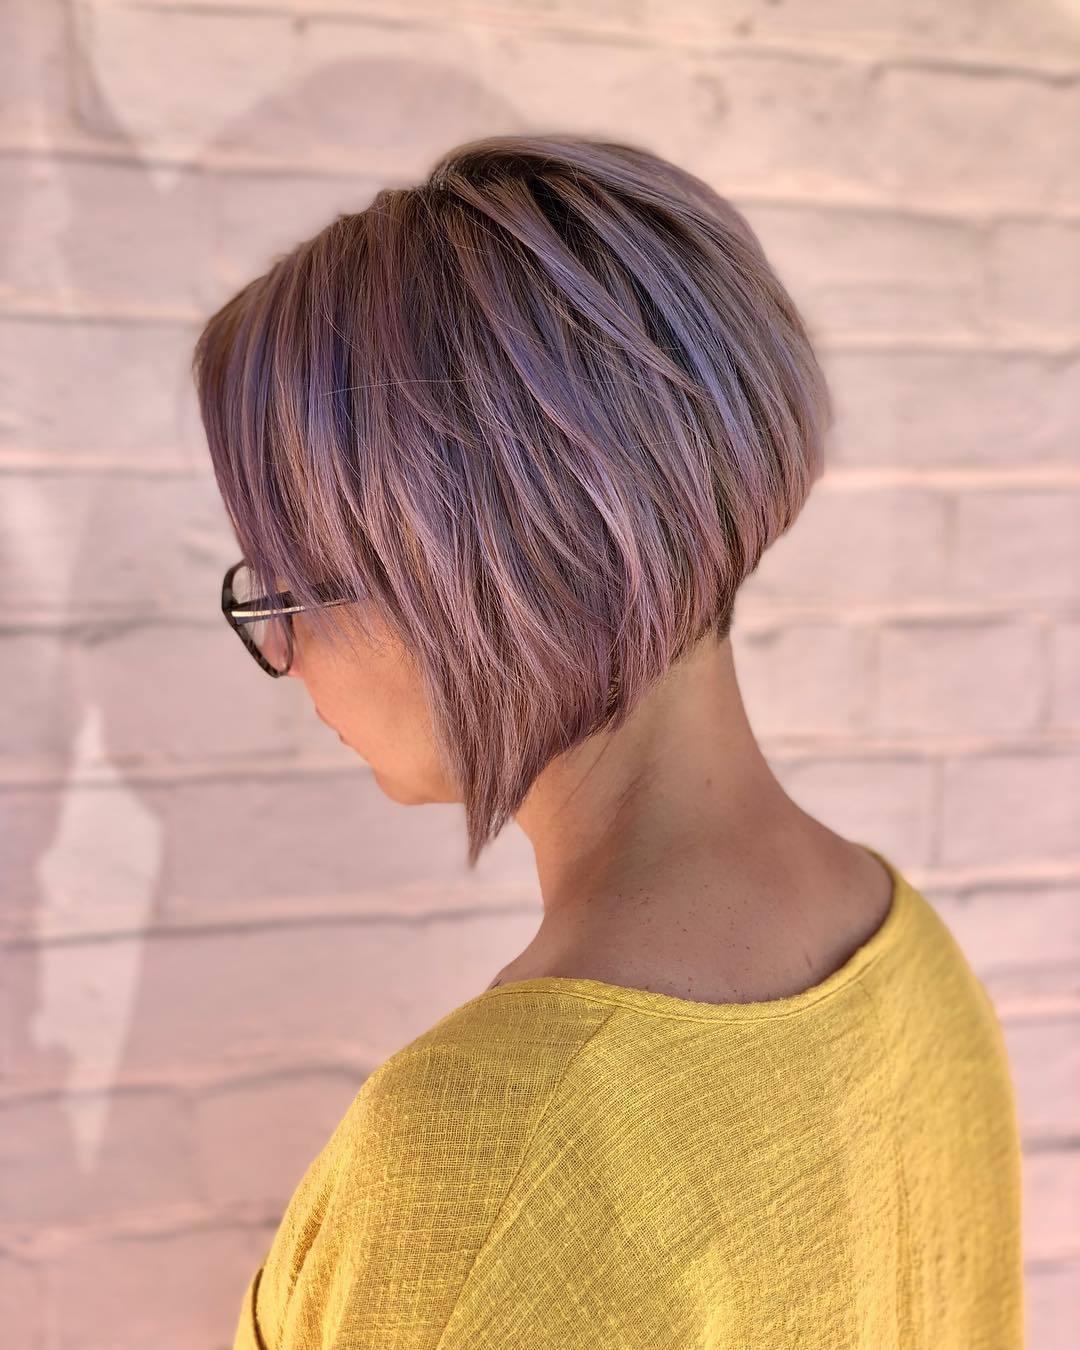 Coiffure au carré diplômée : Femme avec une courte coiffure lilas graduée au bob, portant du jaune et posant à l'extérieur